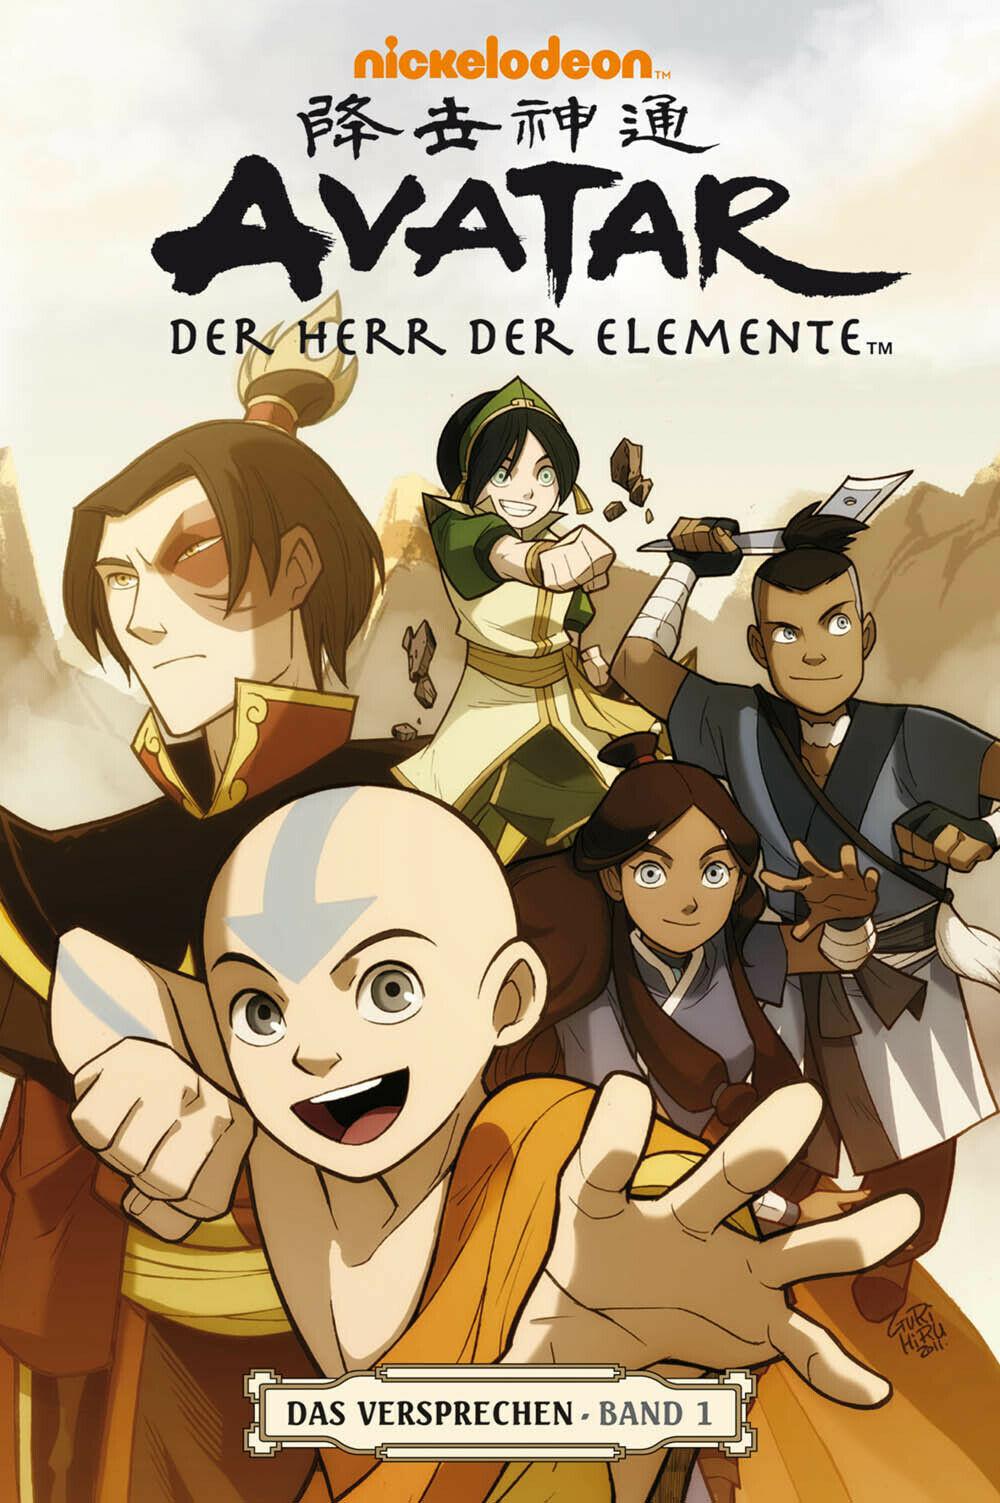 Das Versprechen Band 1 | Avatar-Wiki | FANDOM powered by Wikia